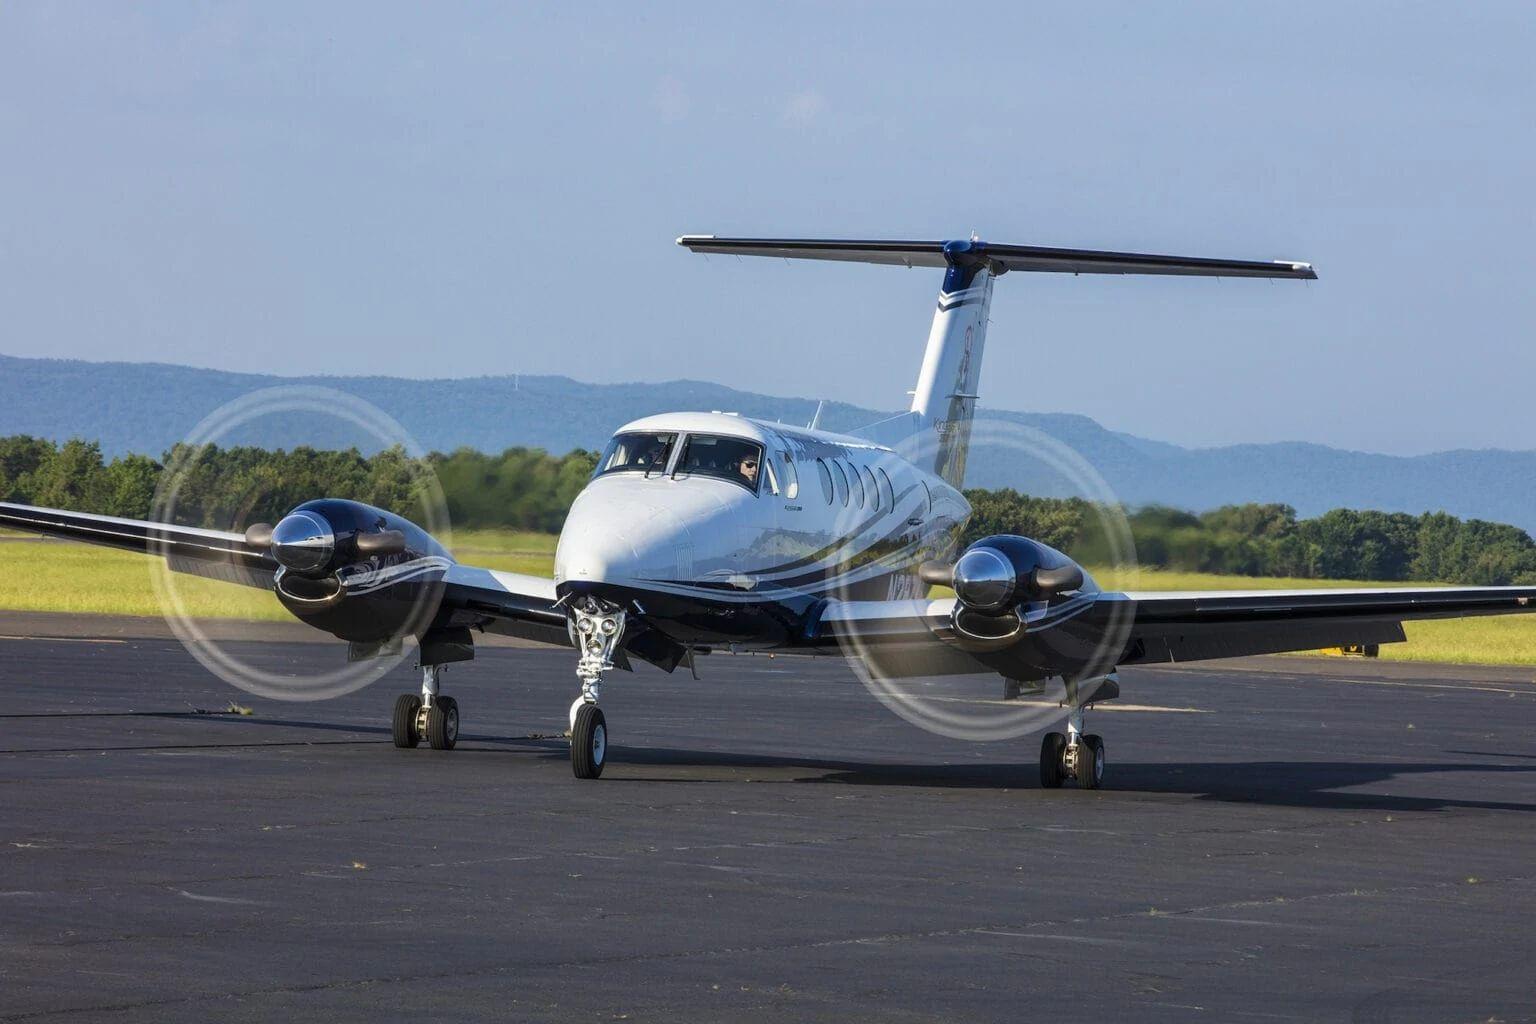 Modely Beechcraft King Air 260, 360 a 360ER získaly osvědčení EASA